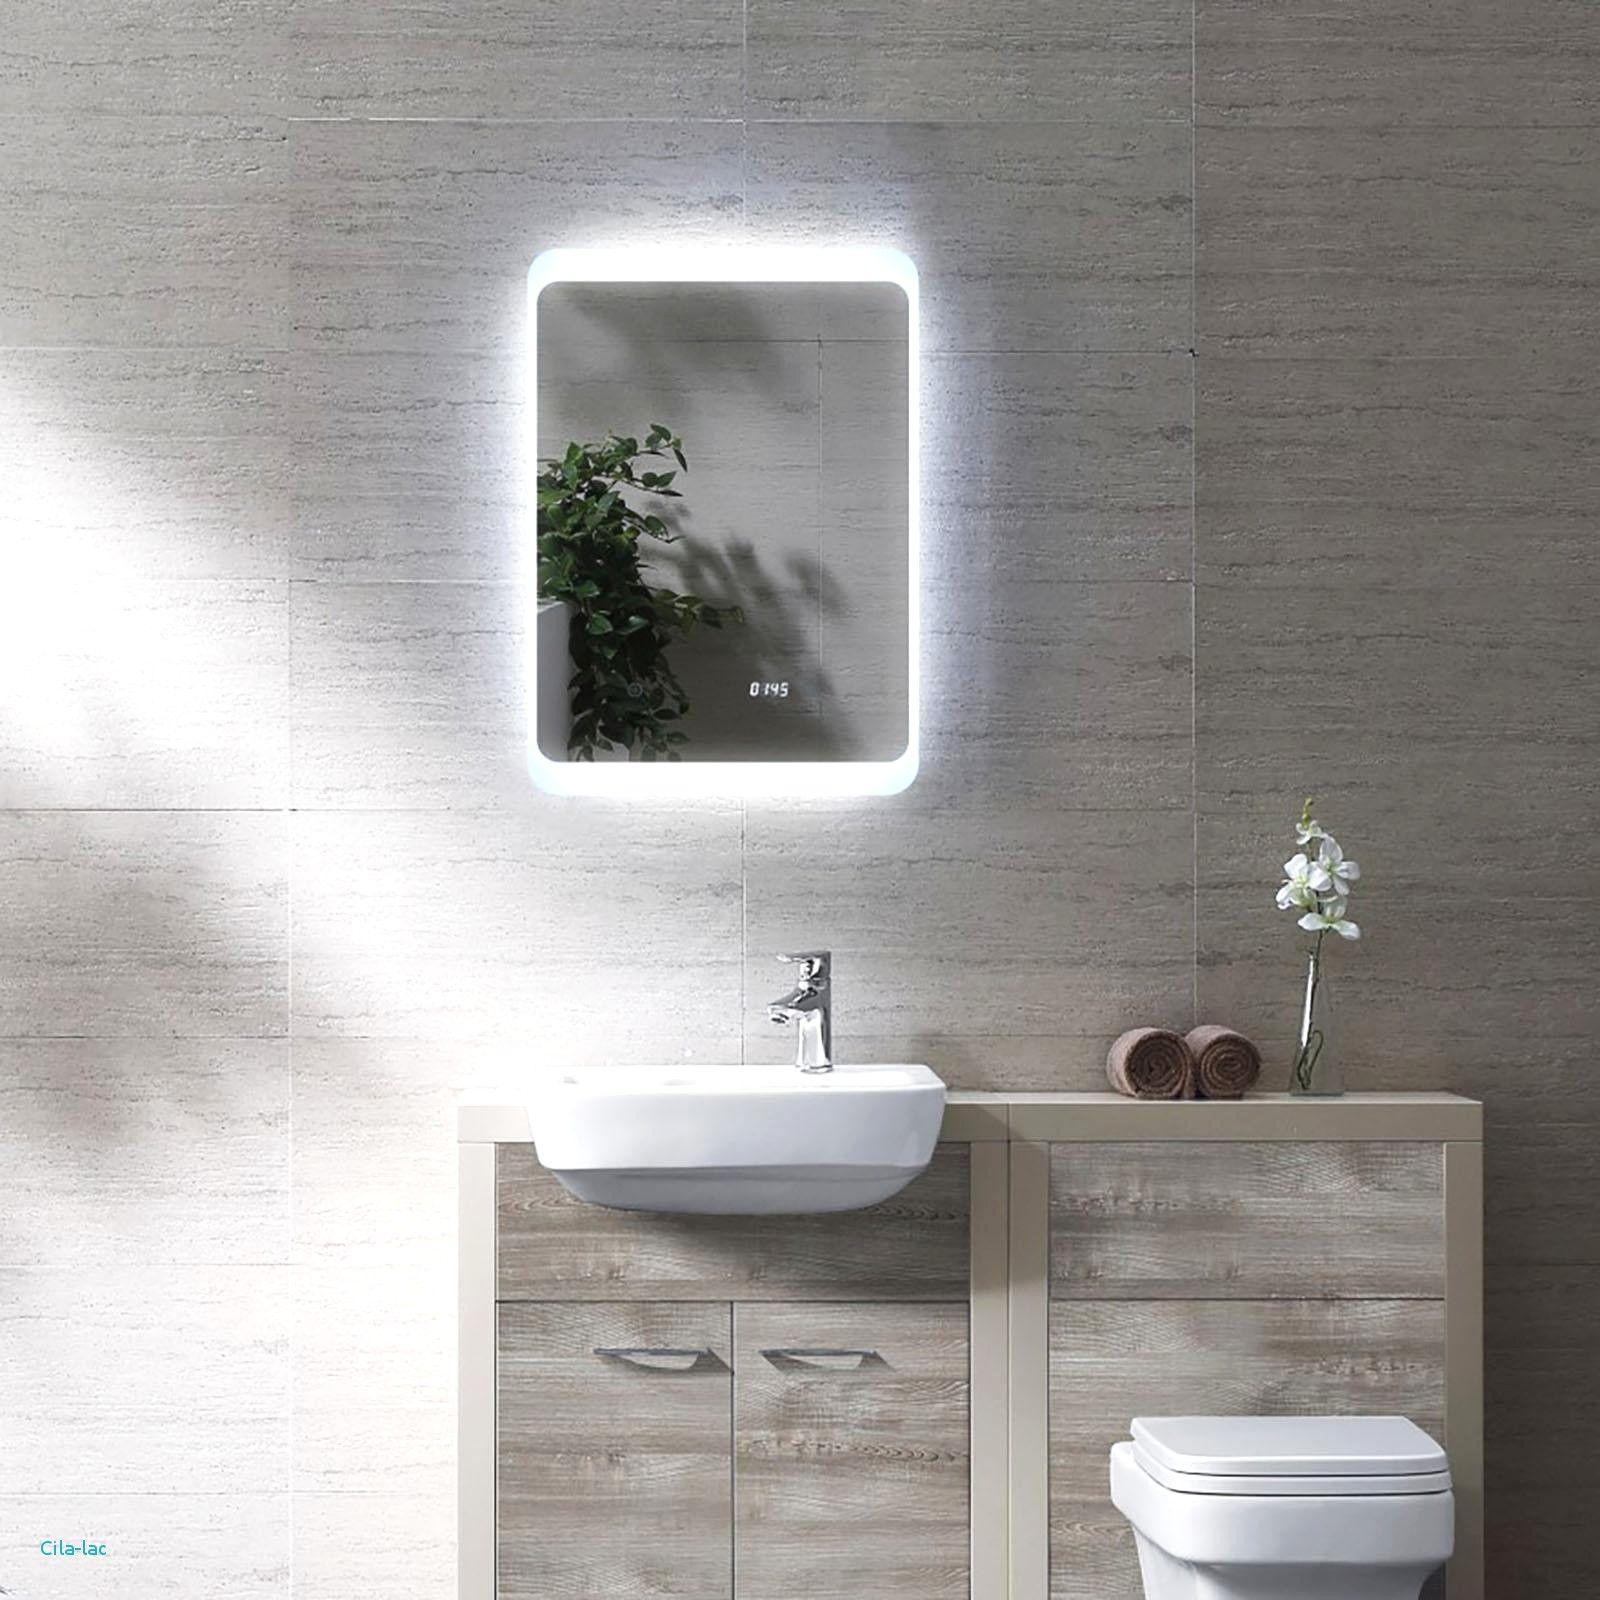 Badezimmer ideen und farben badezimmer uhr klein  wohnzimmer wände streichen ideen  pinterest